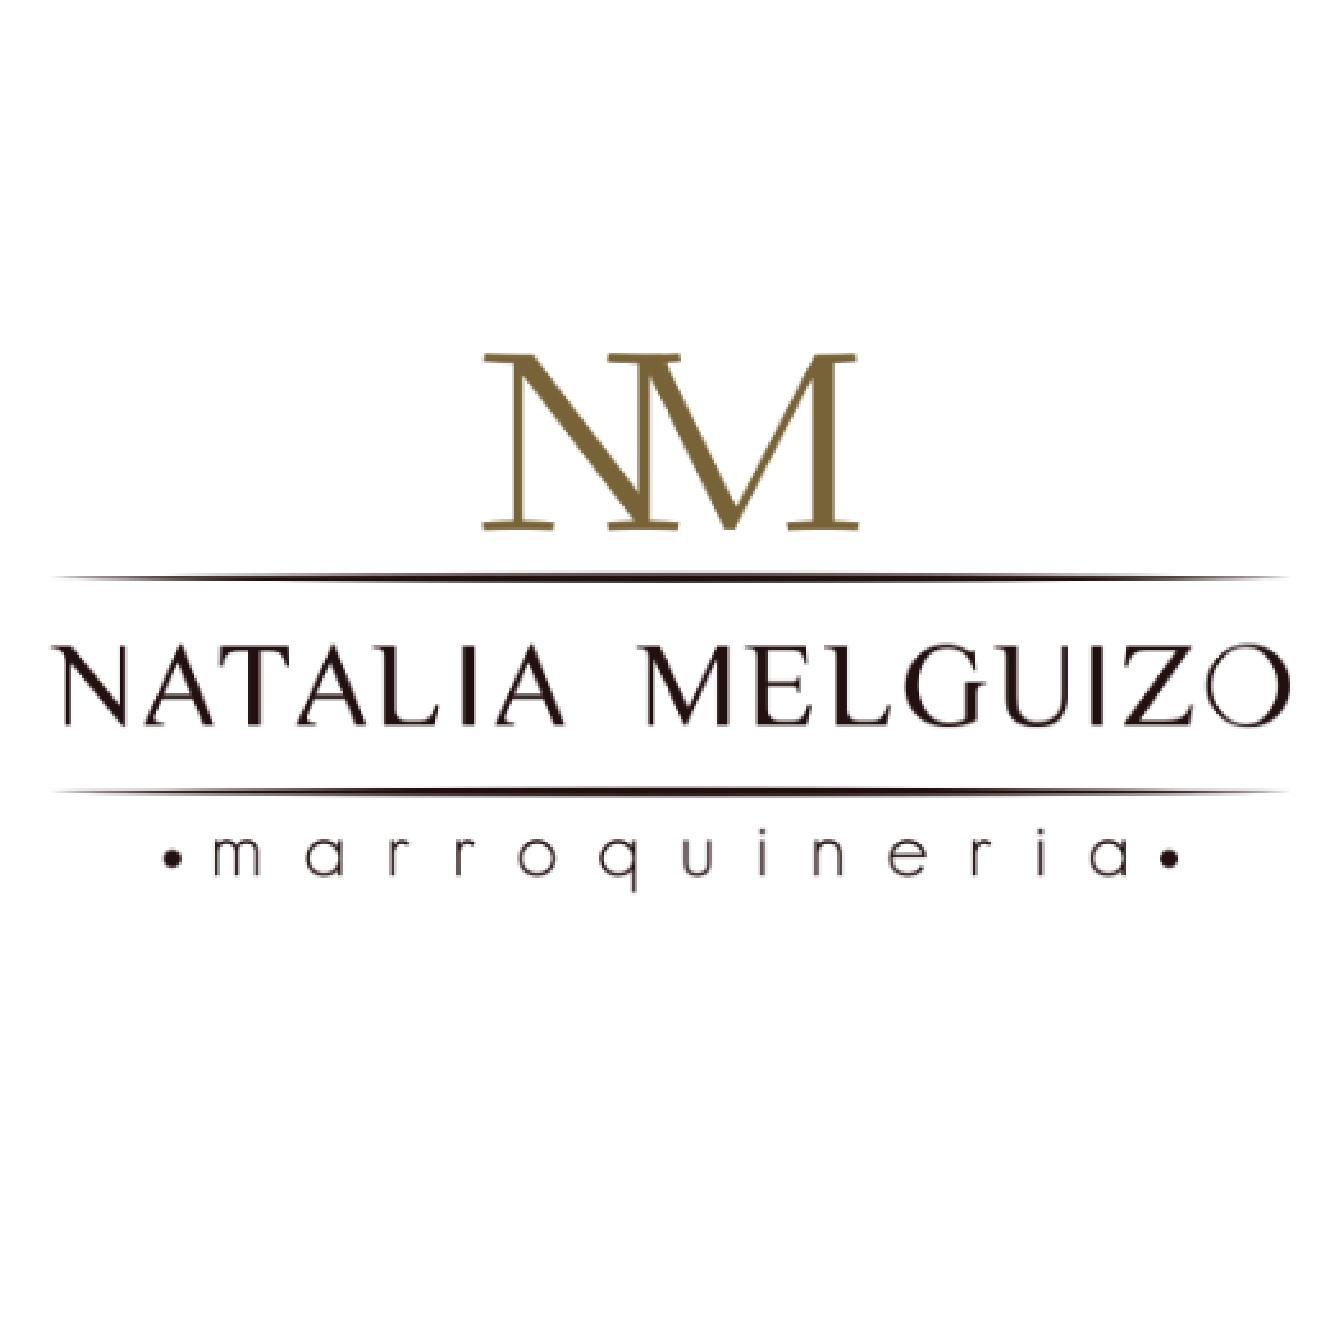 Natalia Melguizo